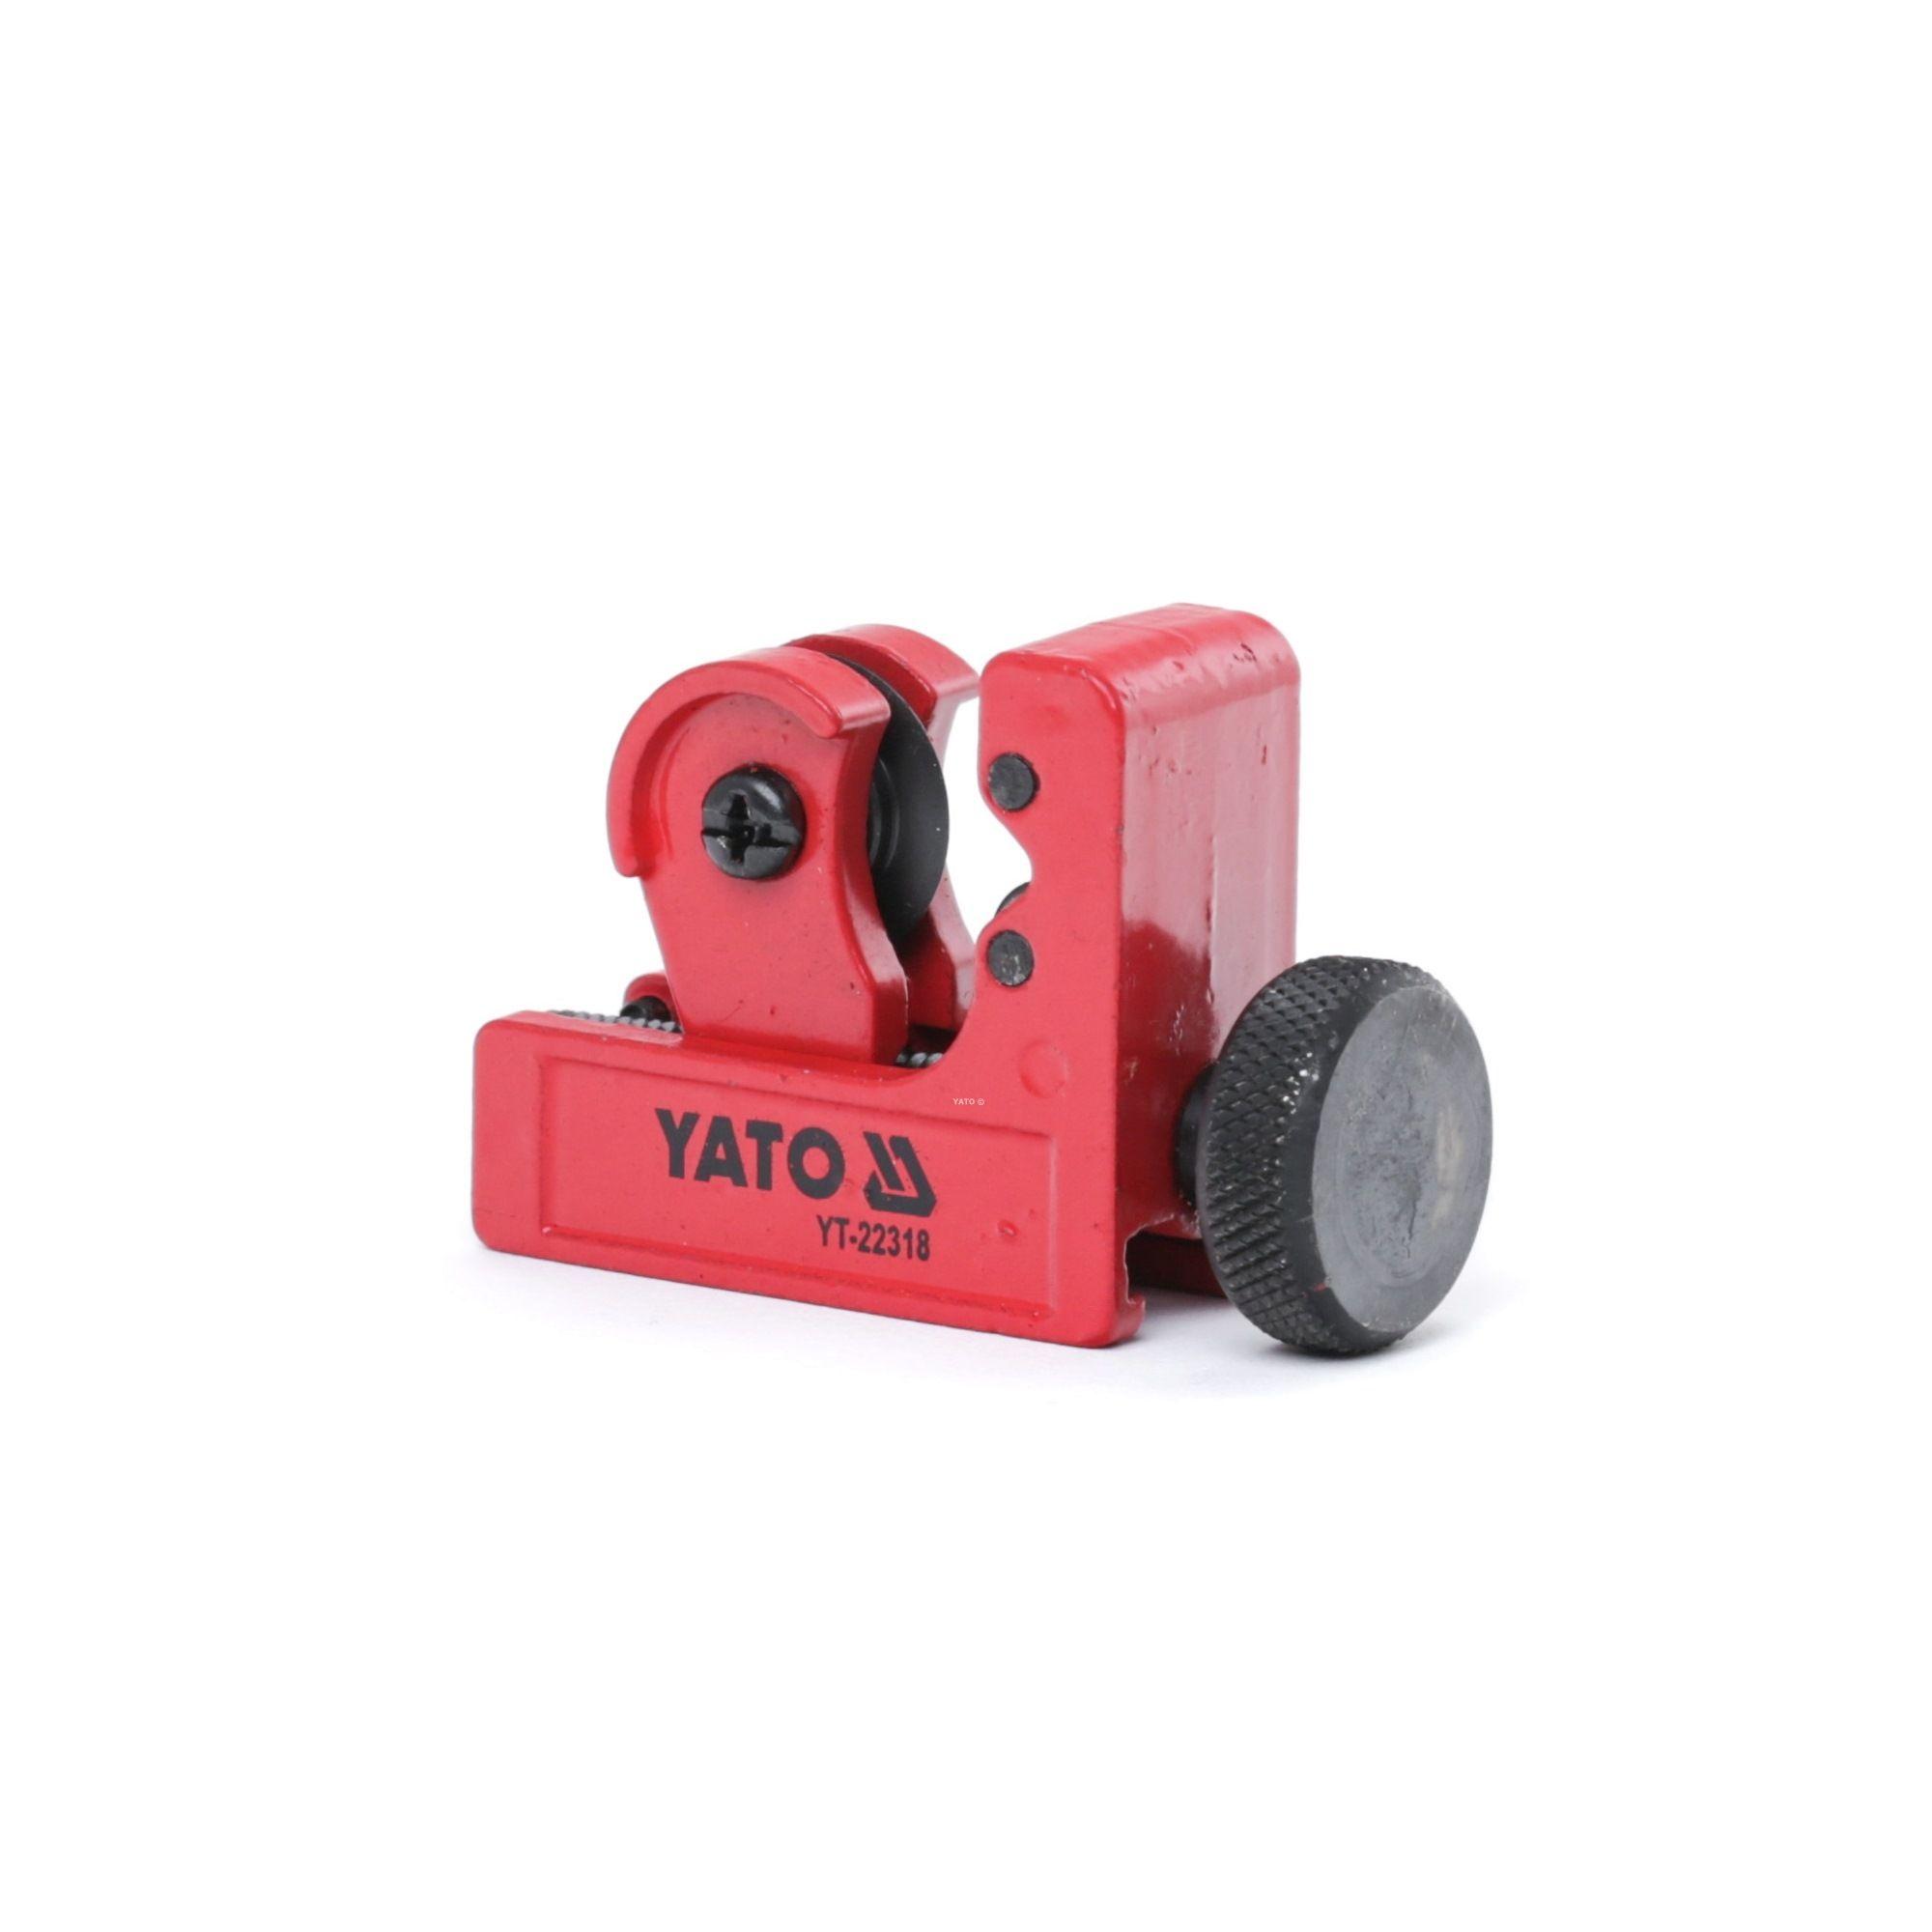 YT-22318 YATO Rohr-Ø bis: 22mm, Rohr-Ø von: 3mm Rohrschneider YT-22318 günstig kaufen